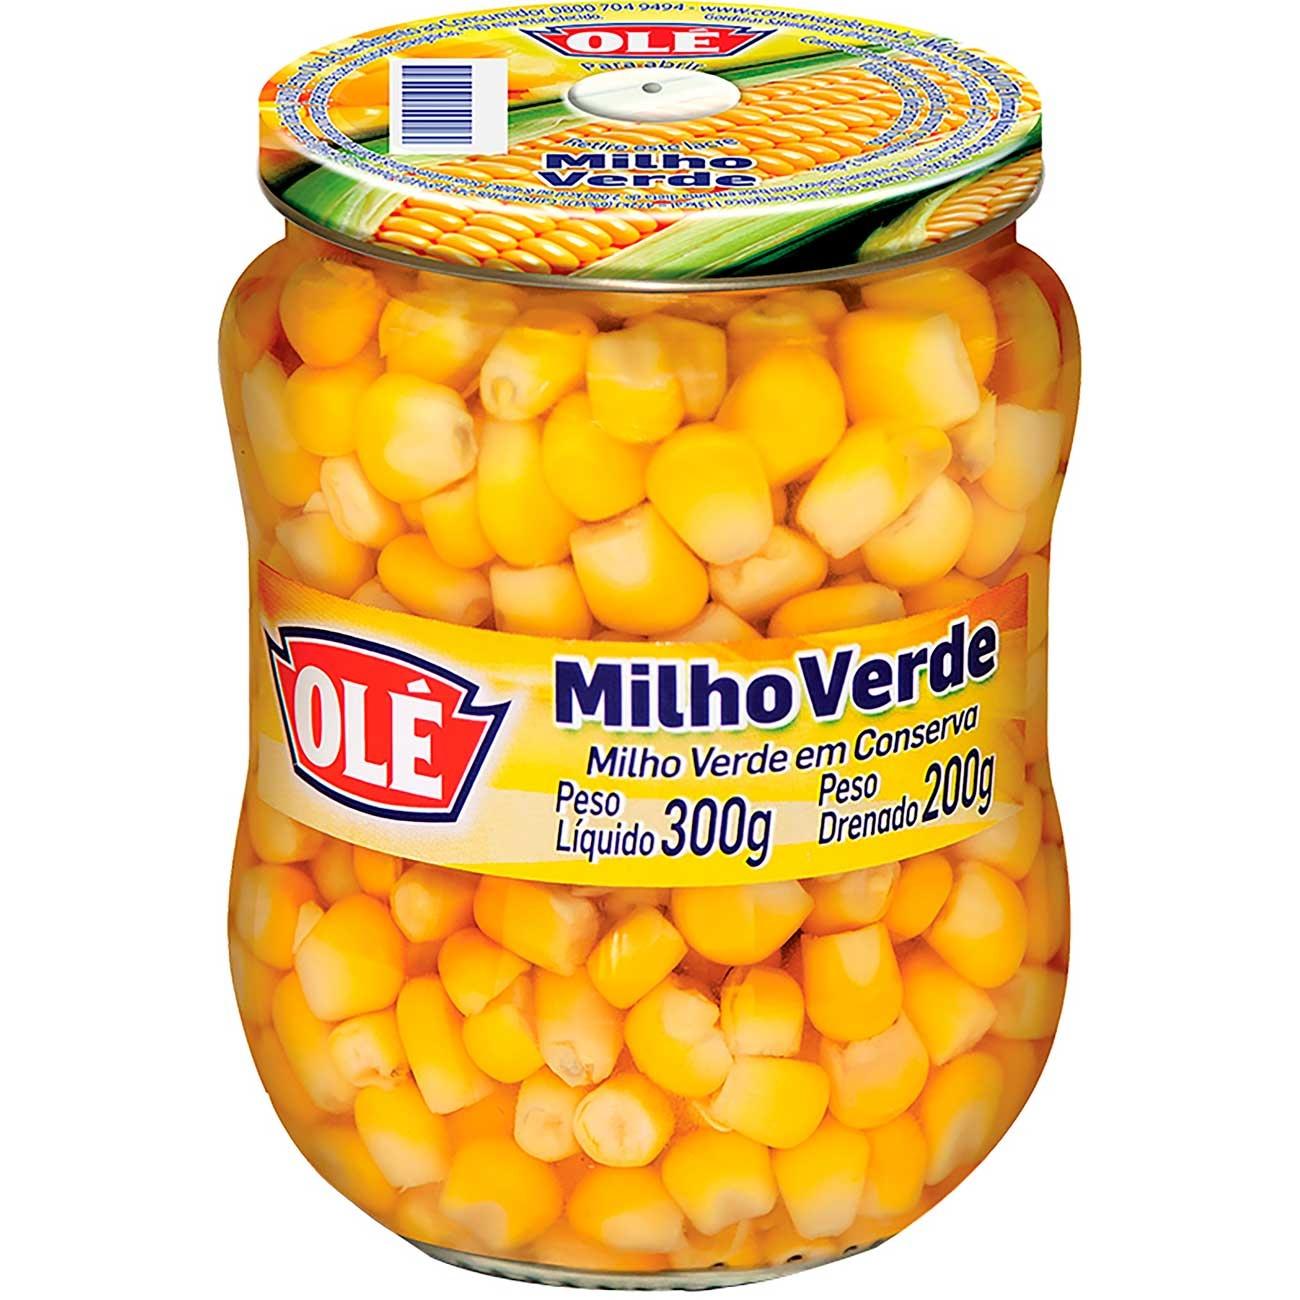 Milho Verde Olé Vidro 200g | Caixa com 12 unidades